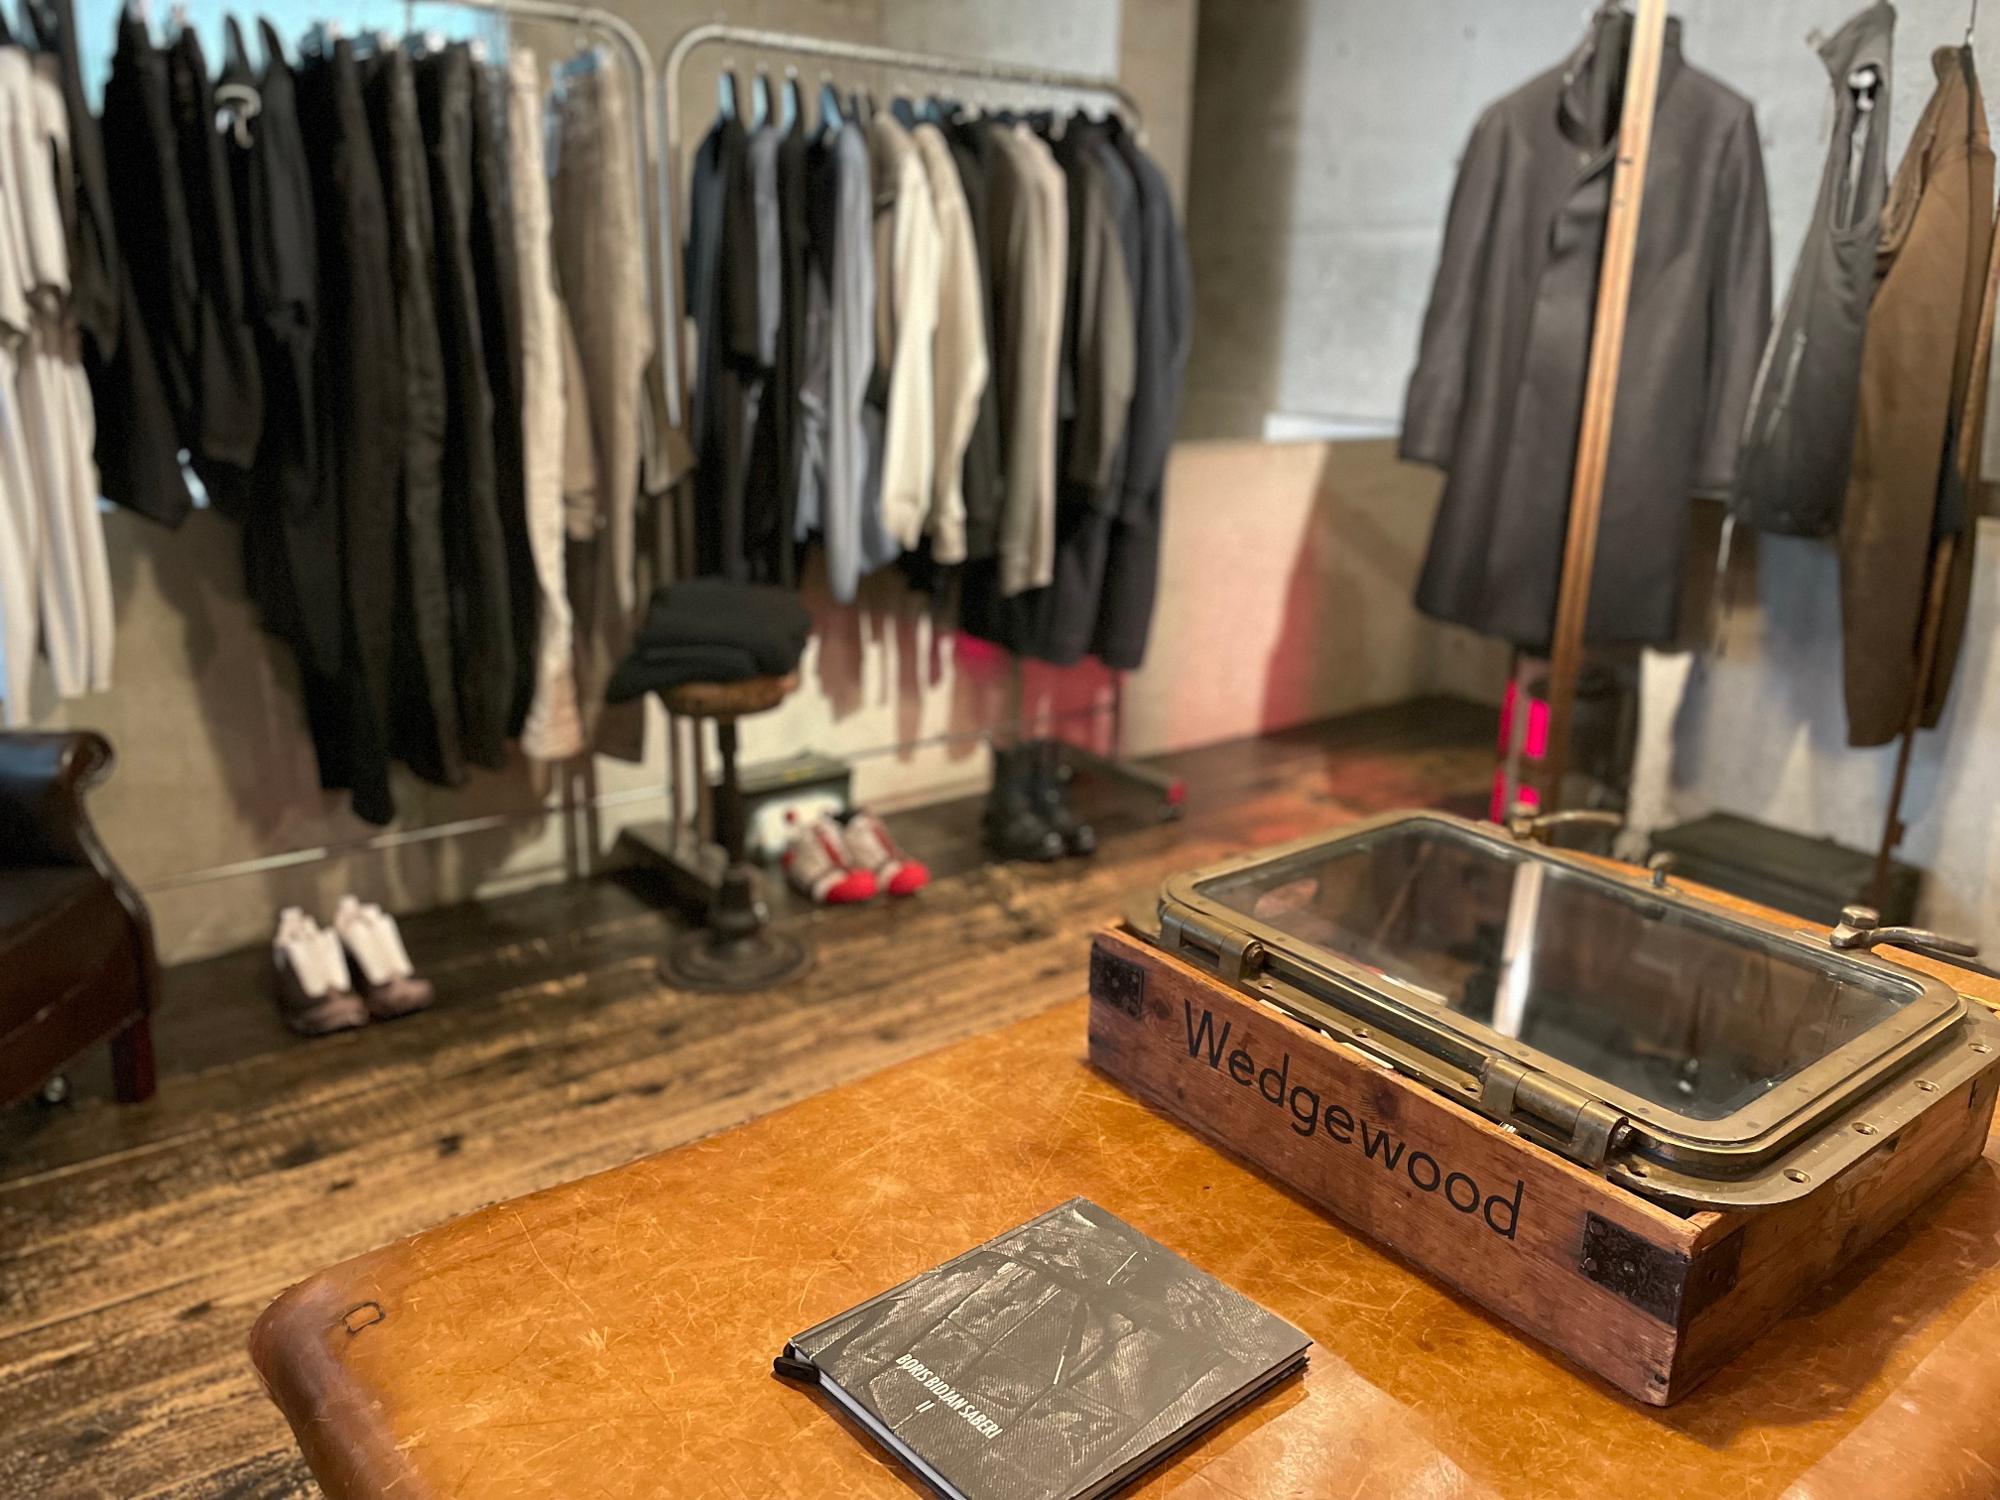 わざと汚れたような加工のパンツや切っぱなしなど、マニアックな洋服たち。MA+,carol christian poellなど知る人ぞ知るアルチザン系ブランドが並ぶ「SHELTER Ⅱ」